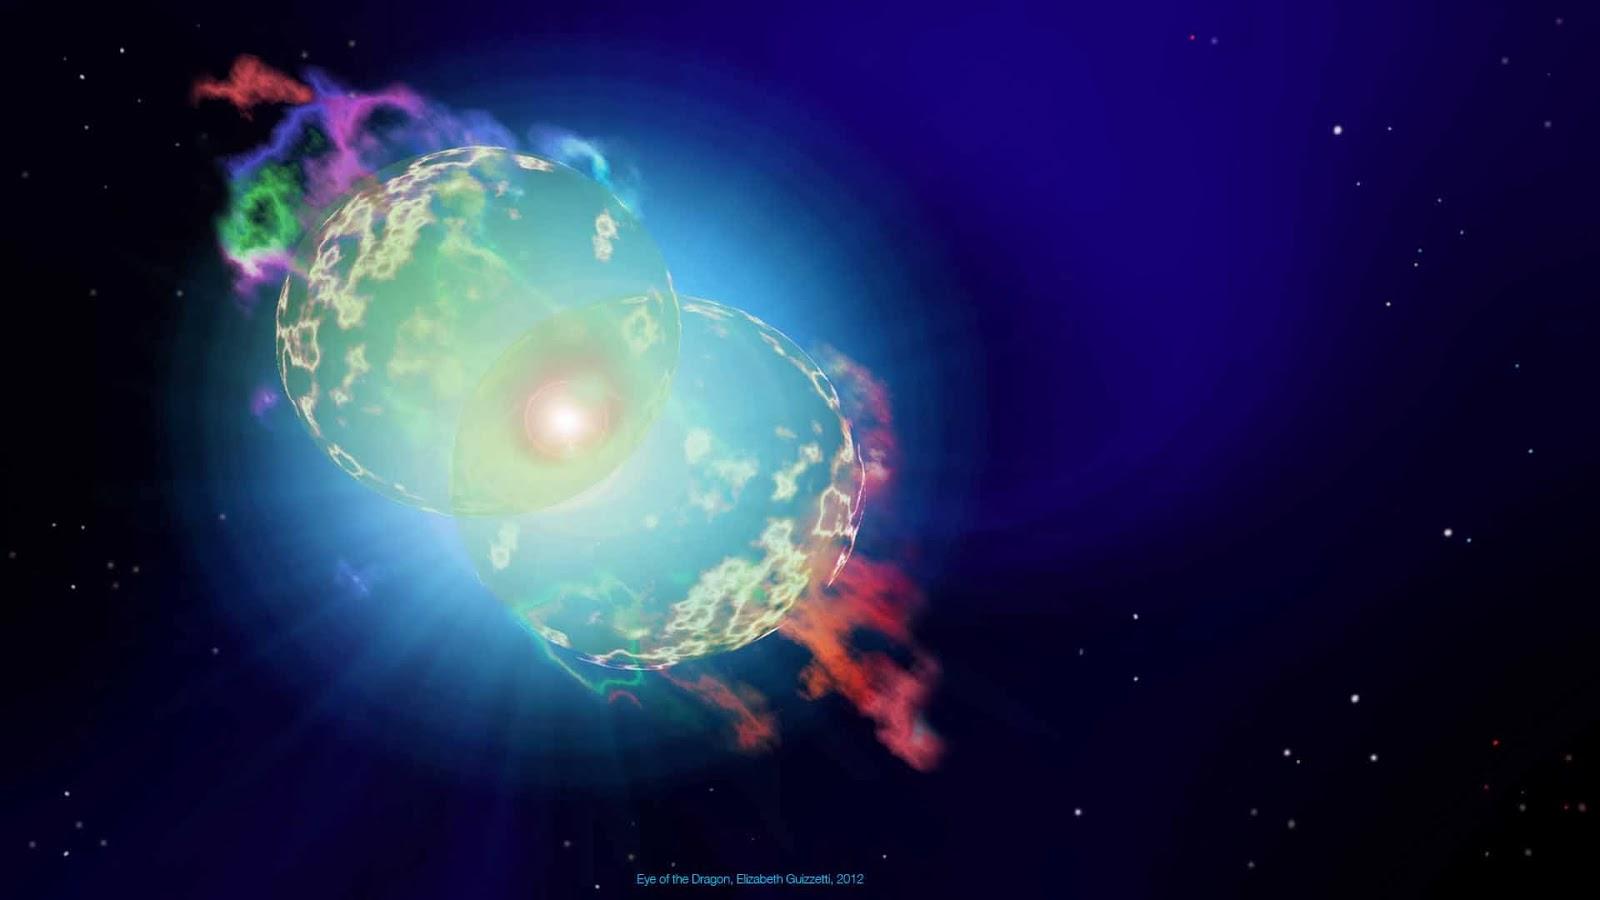 optical illusions hd wallpaper nebula - photo #43